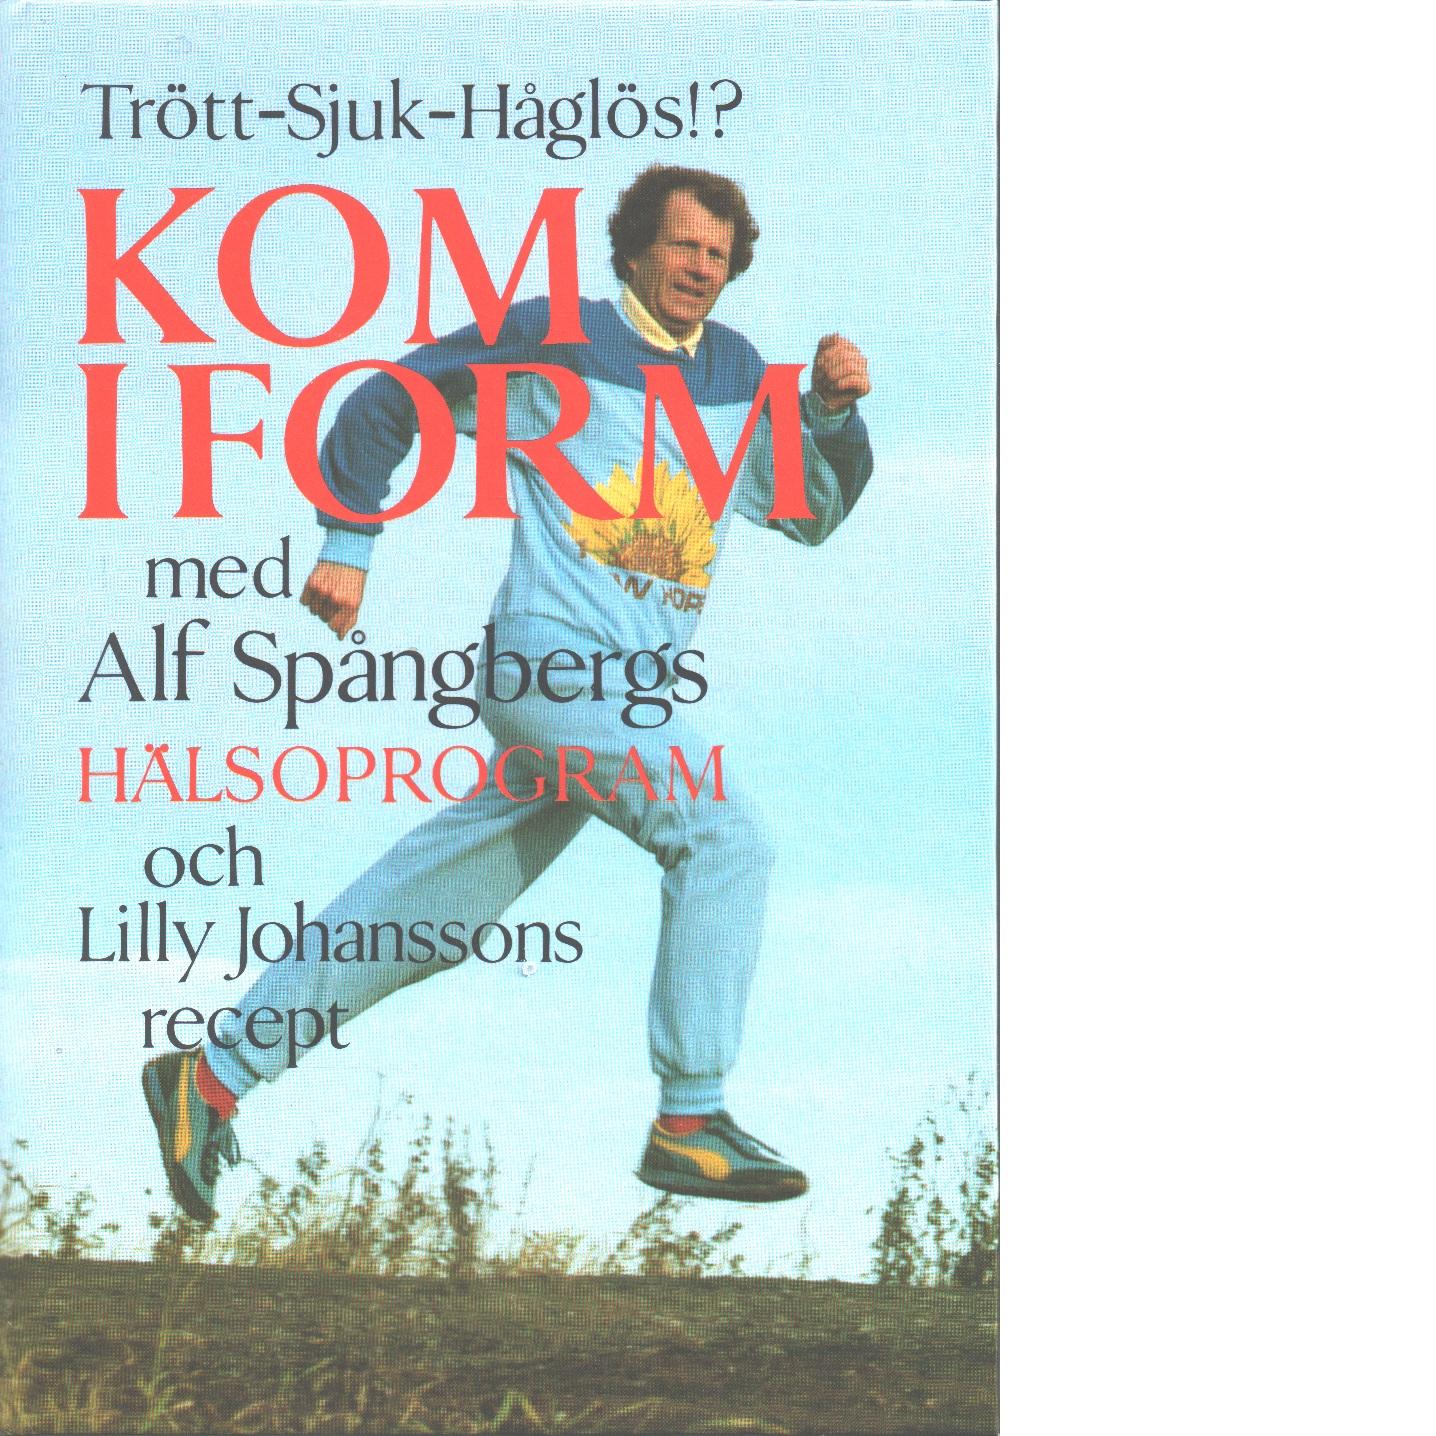 Kom i form med Alf Spångbergs hälsoprogram och Lilly Johanssons recept. - Spångberg, Alf och Johansson, Lilly